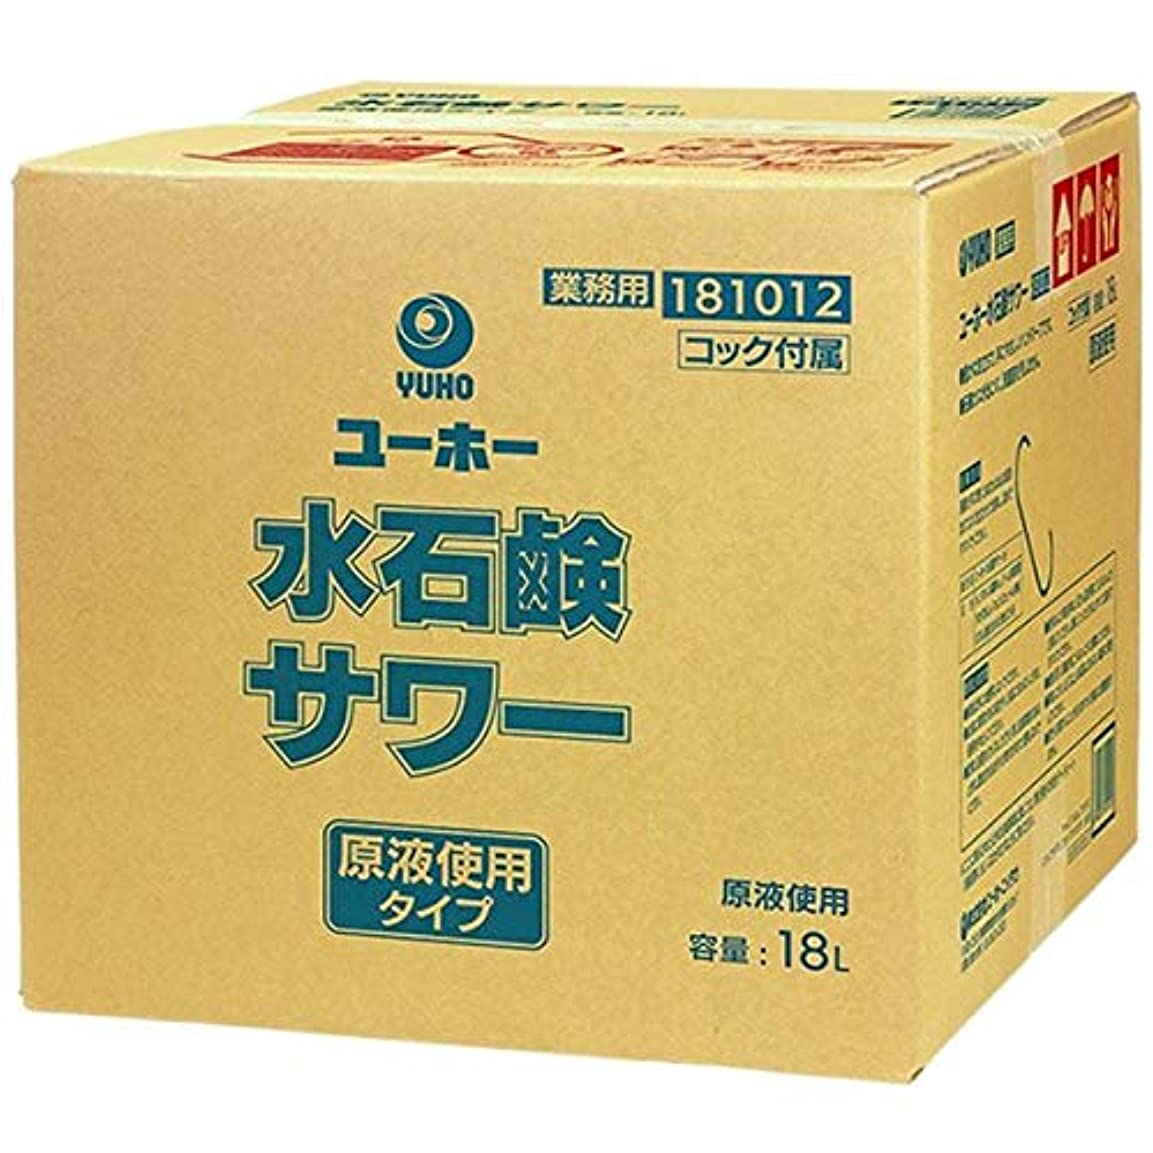 反対弁護どんなときも業務用 ハンドソープ 水石鹸サワー 原液タイプ 18L 181011 (希釈しないで使用できる原液タイプのハンドソープ)